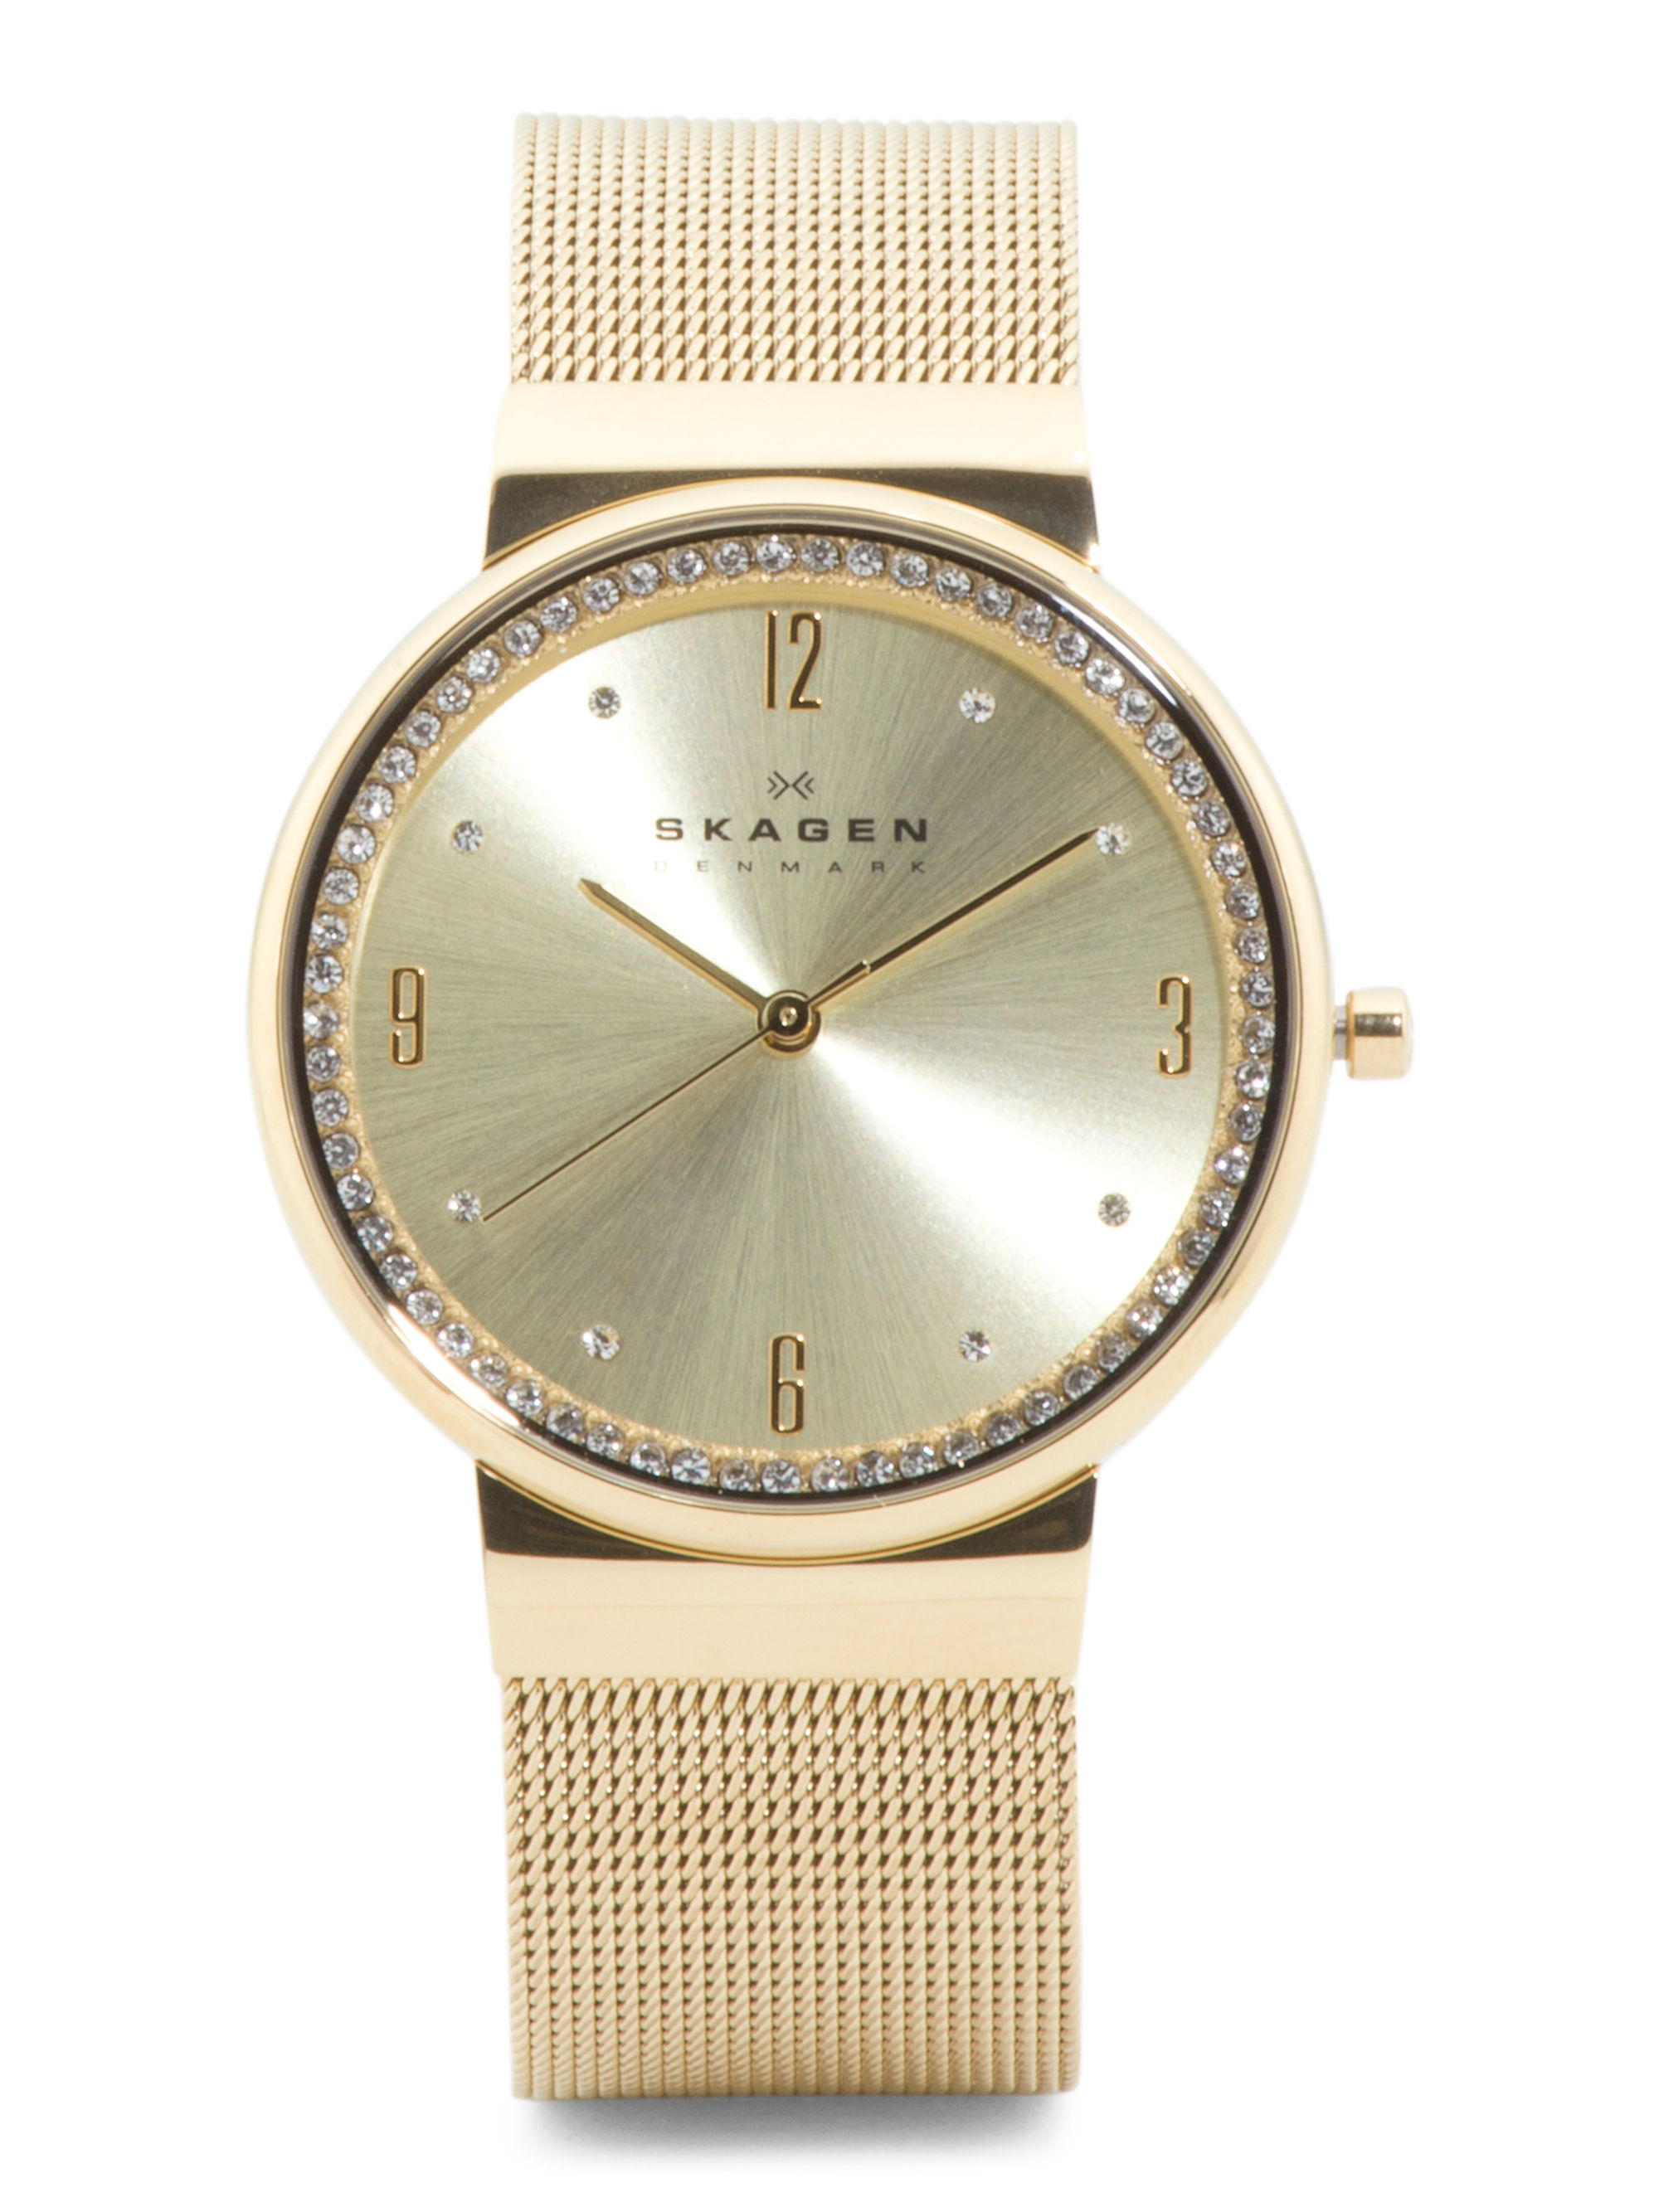 Tj maxx watches